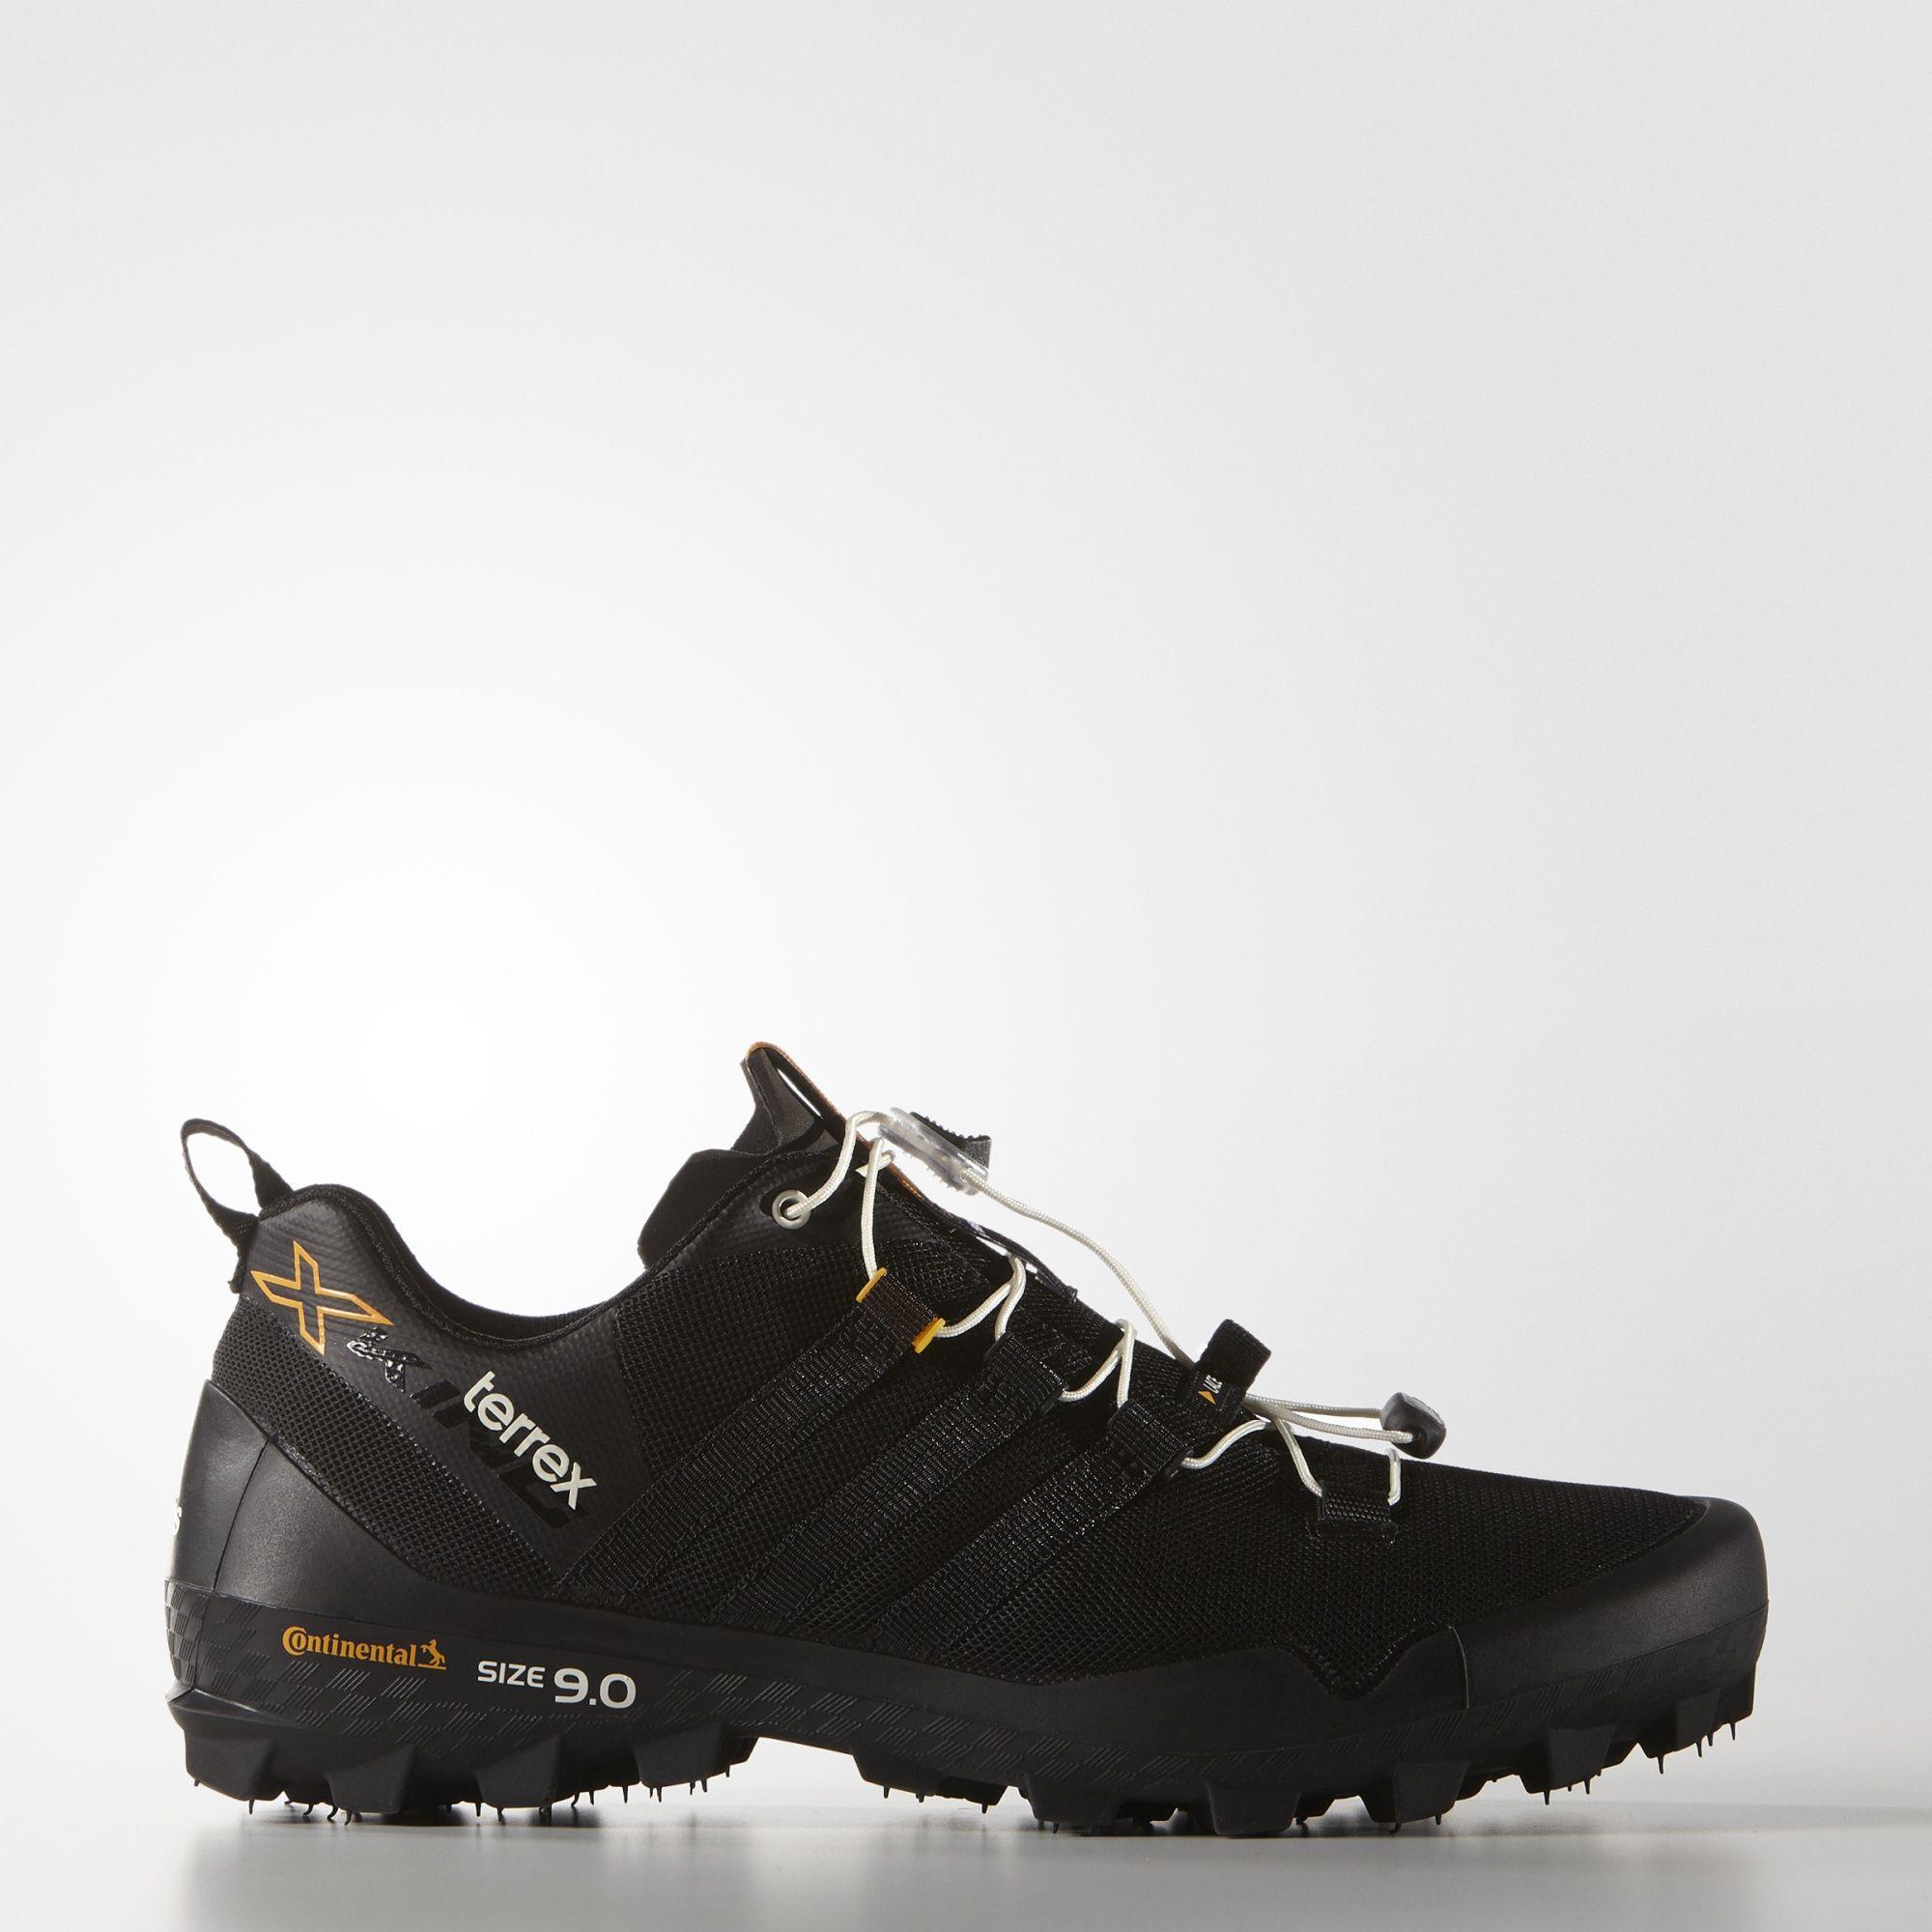 adidas Tennisschuhe | Tennissneaker | Offizieller adidas Shop